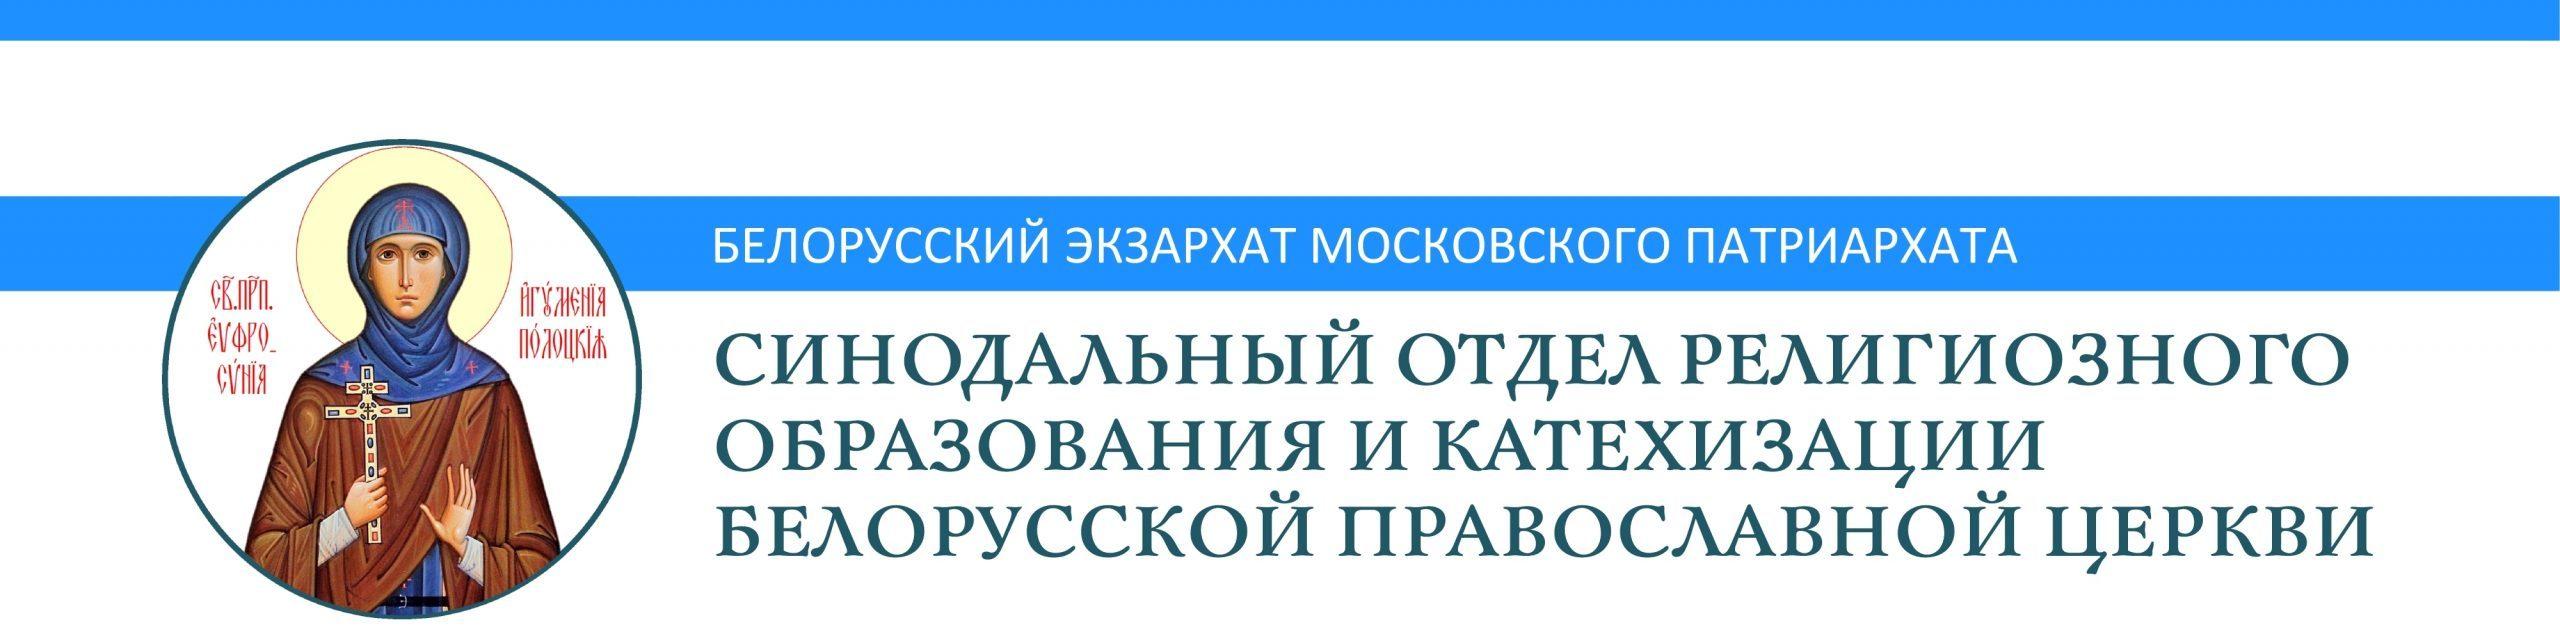 Синодальный отдел религиозного образования и катехизации